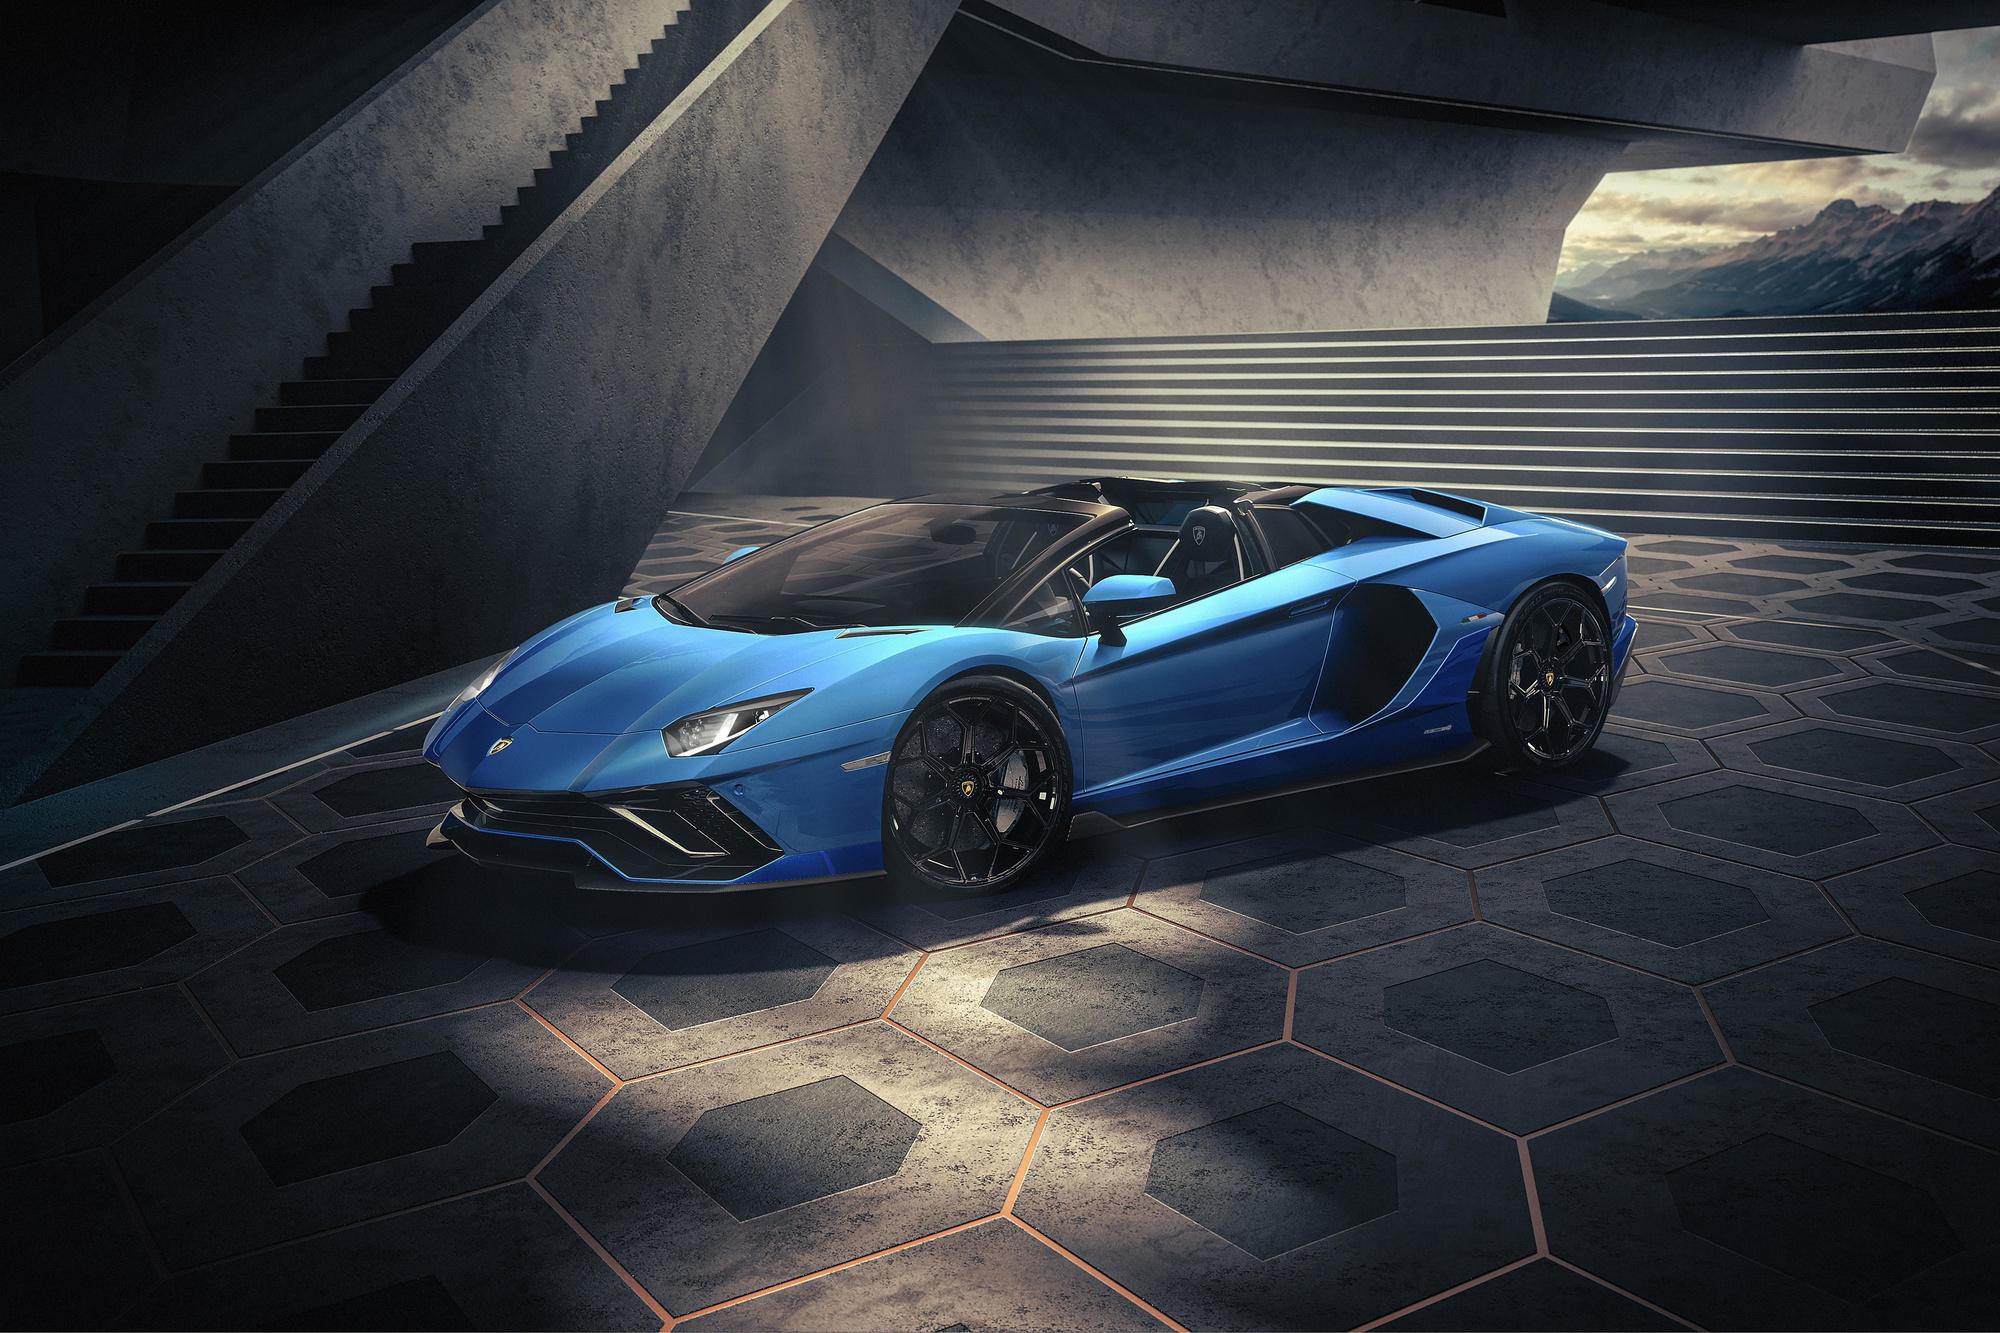 La version roadster renforce l'exclusivité de l'Aventador., GF